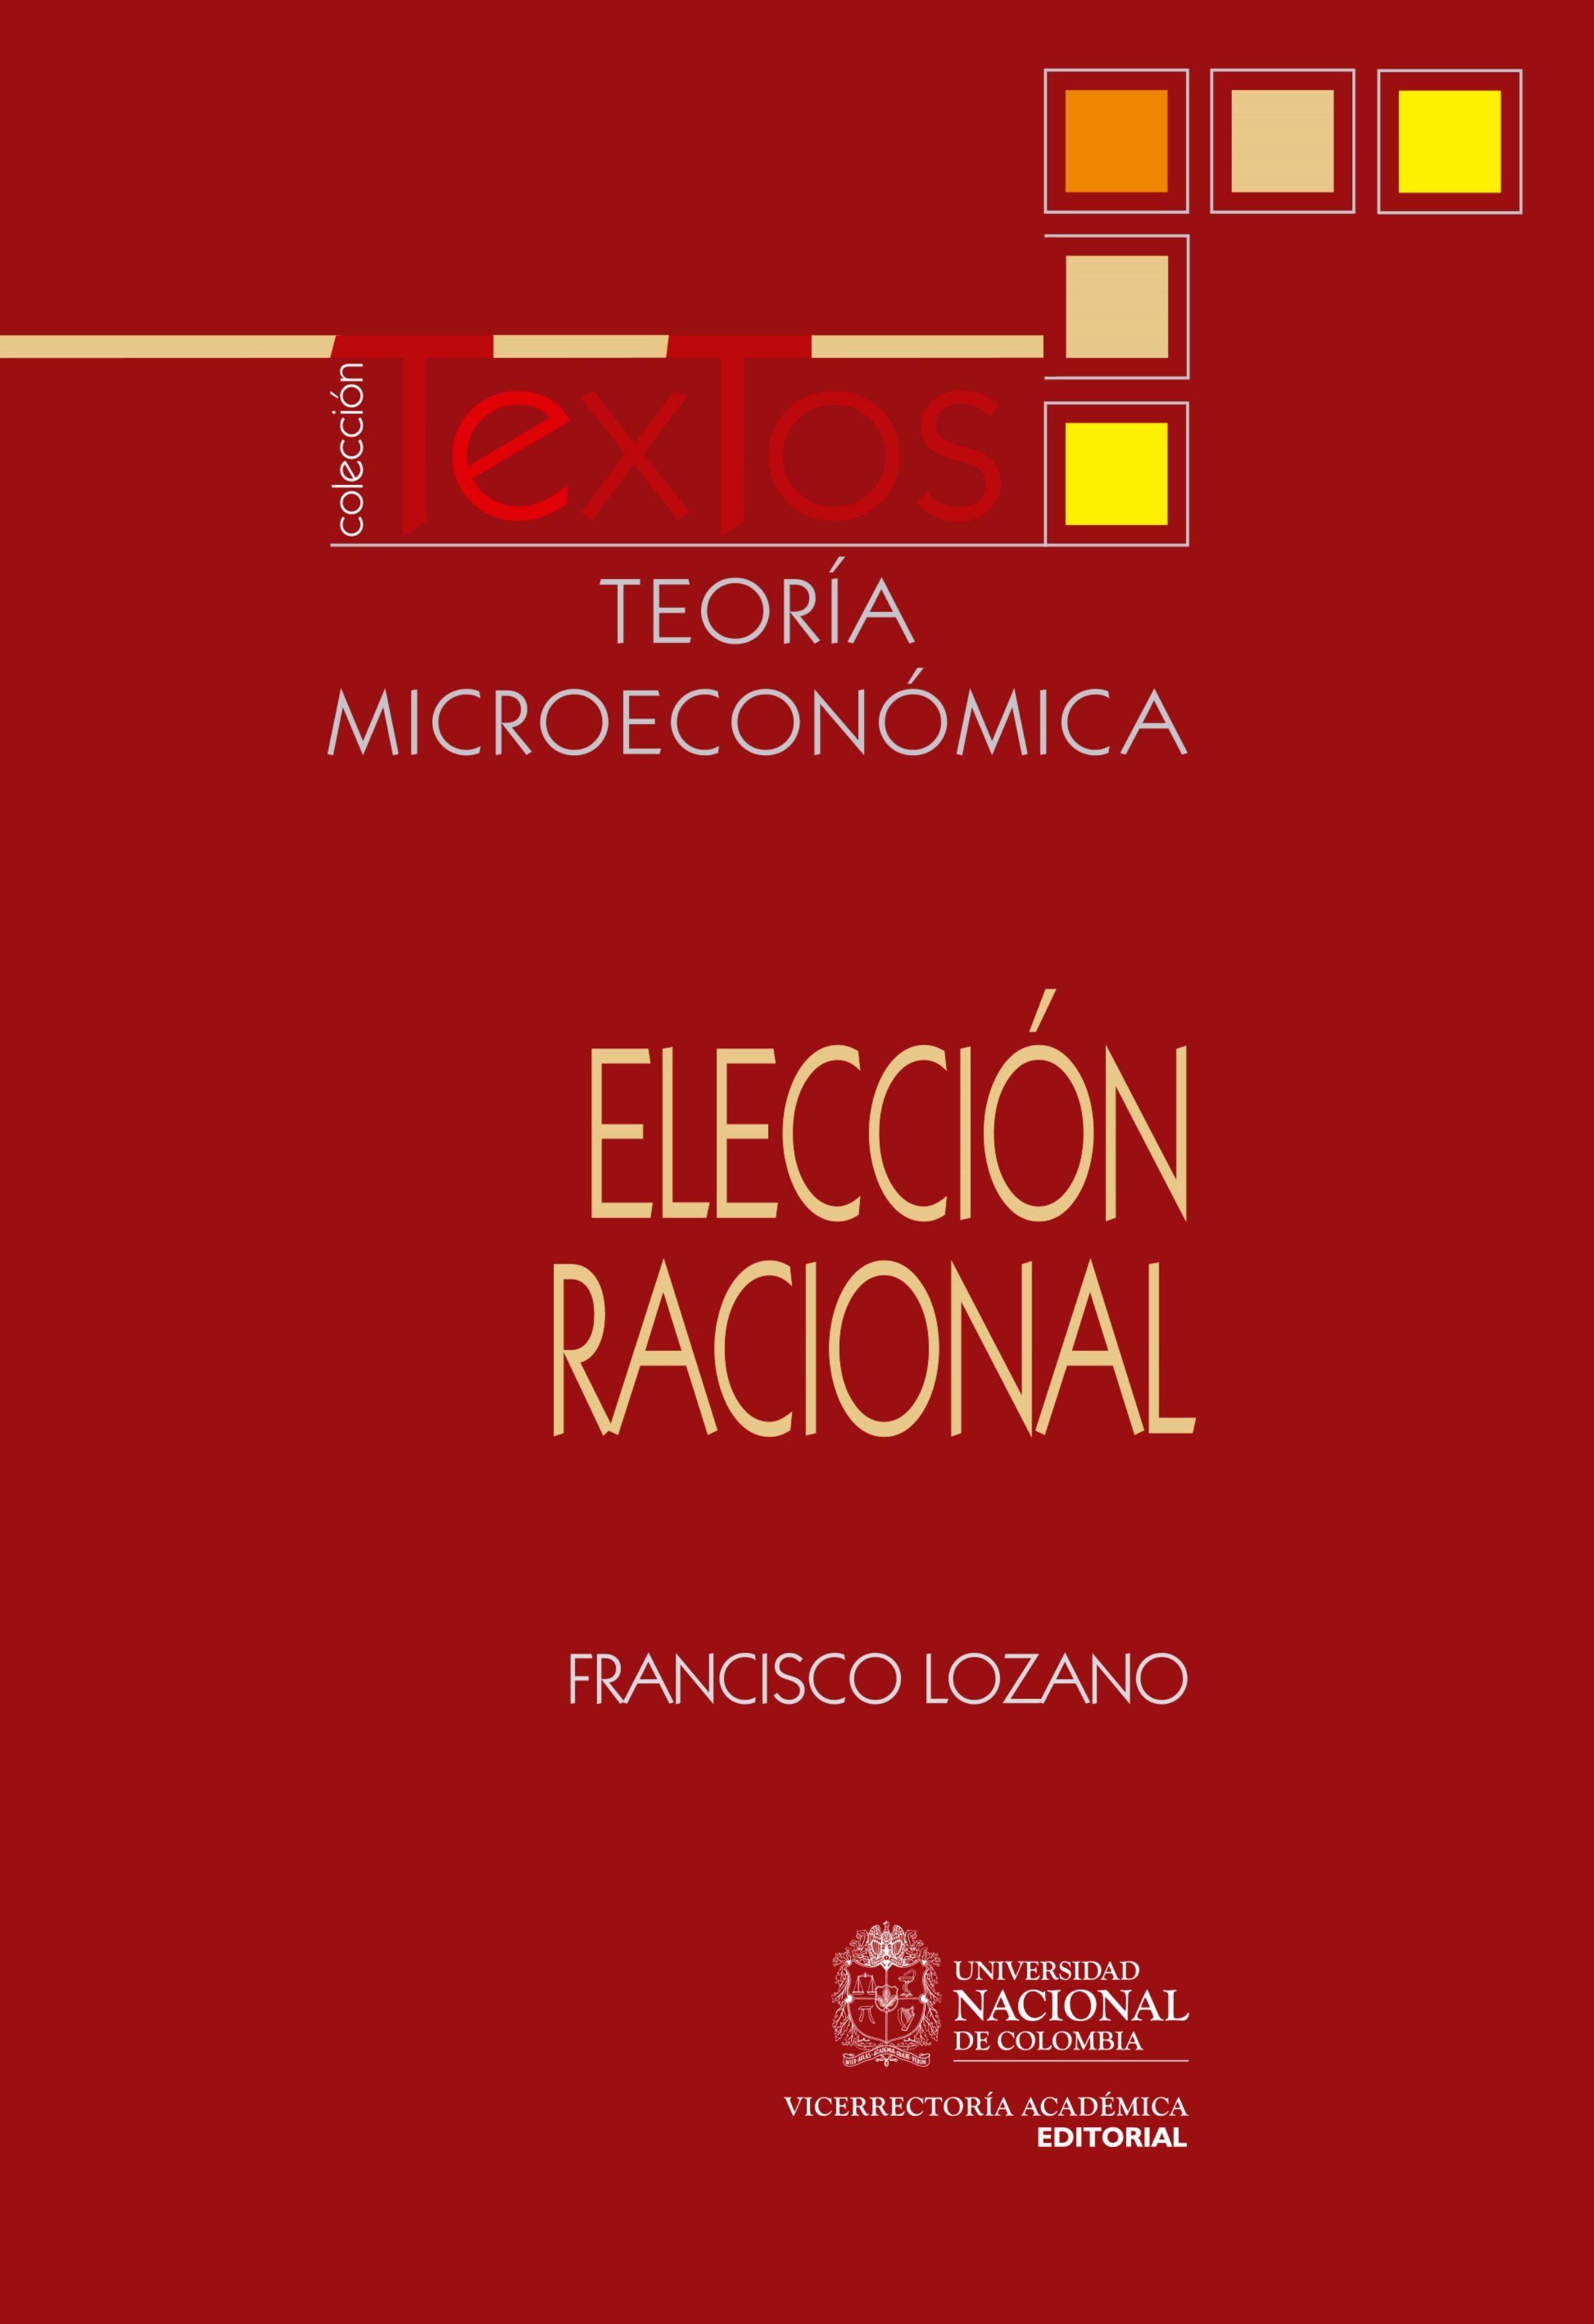 Teoría microeconómica - Elección racional , livro de Francisco Lozano